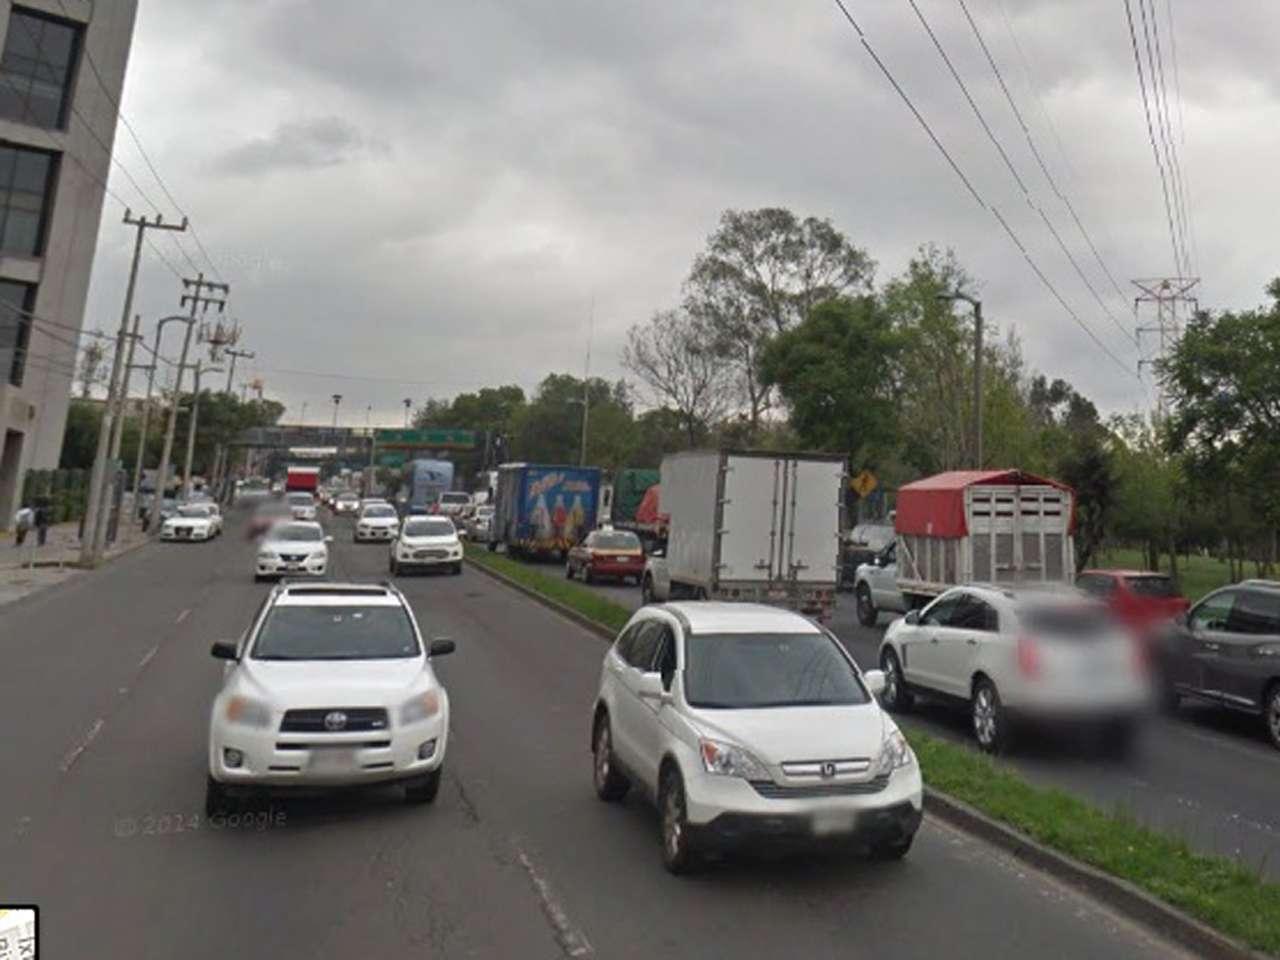 El asaltante cruzó avenida Constituyentes y escapó hacia la zona de Observatorio Foto: Imagen tomada de Google Maps